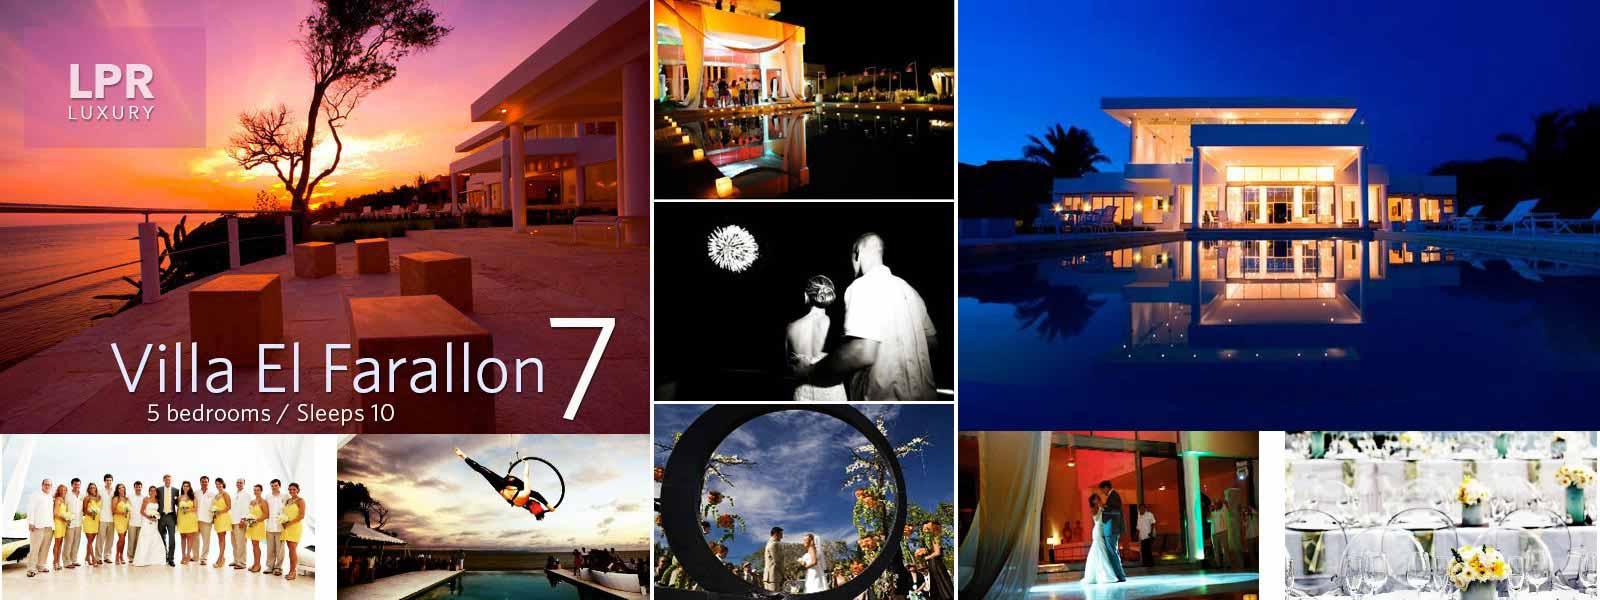 Villa El Farallon 7 - Luxury Punta Mita Rentals and Real Estate - Vallarta   Nayarit, Mexico